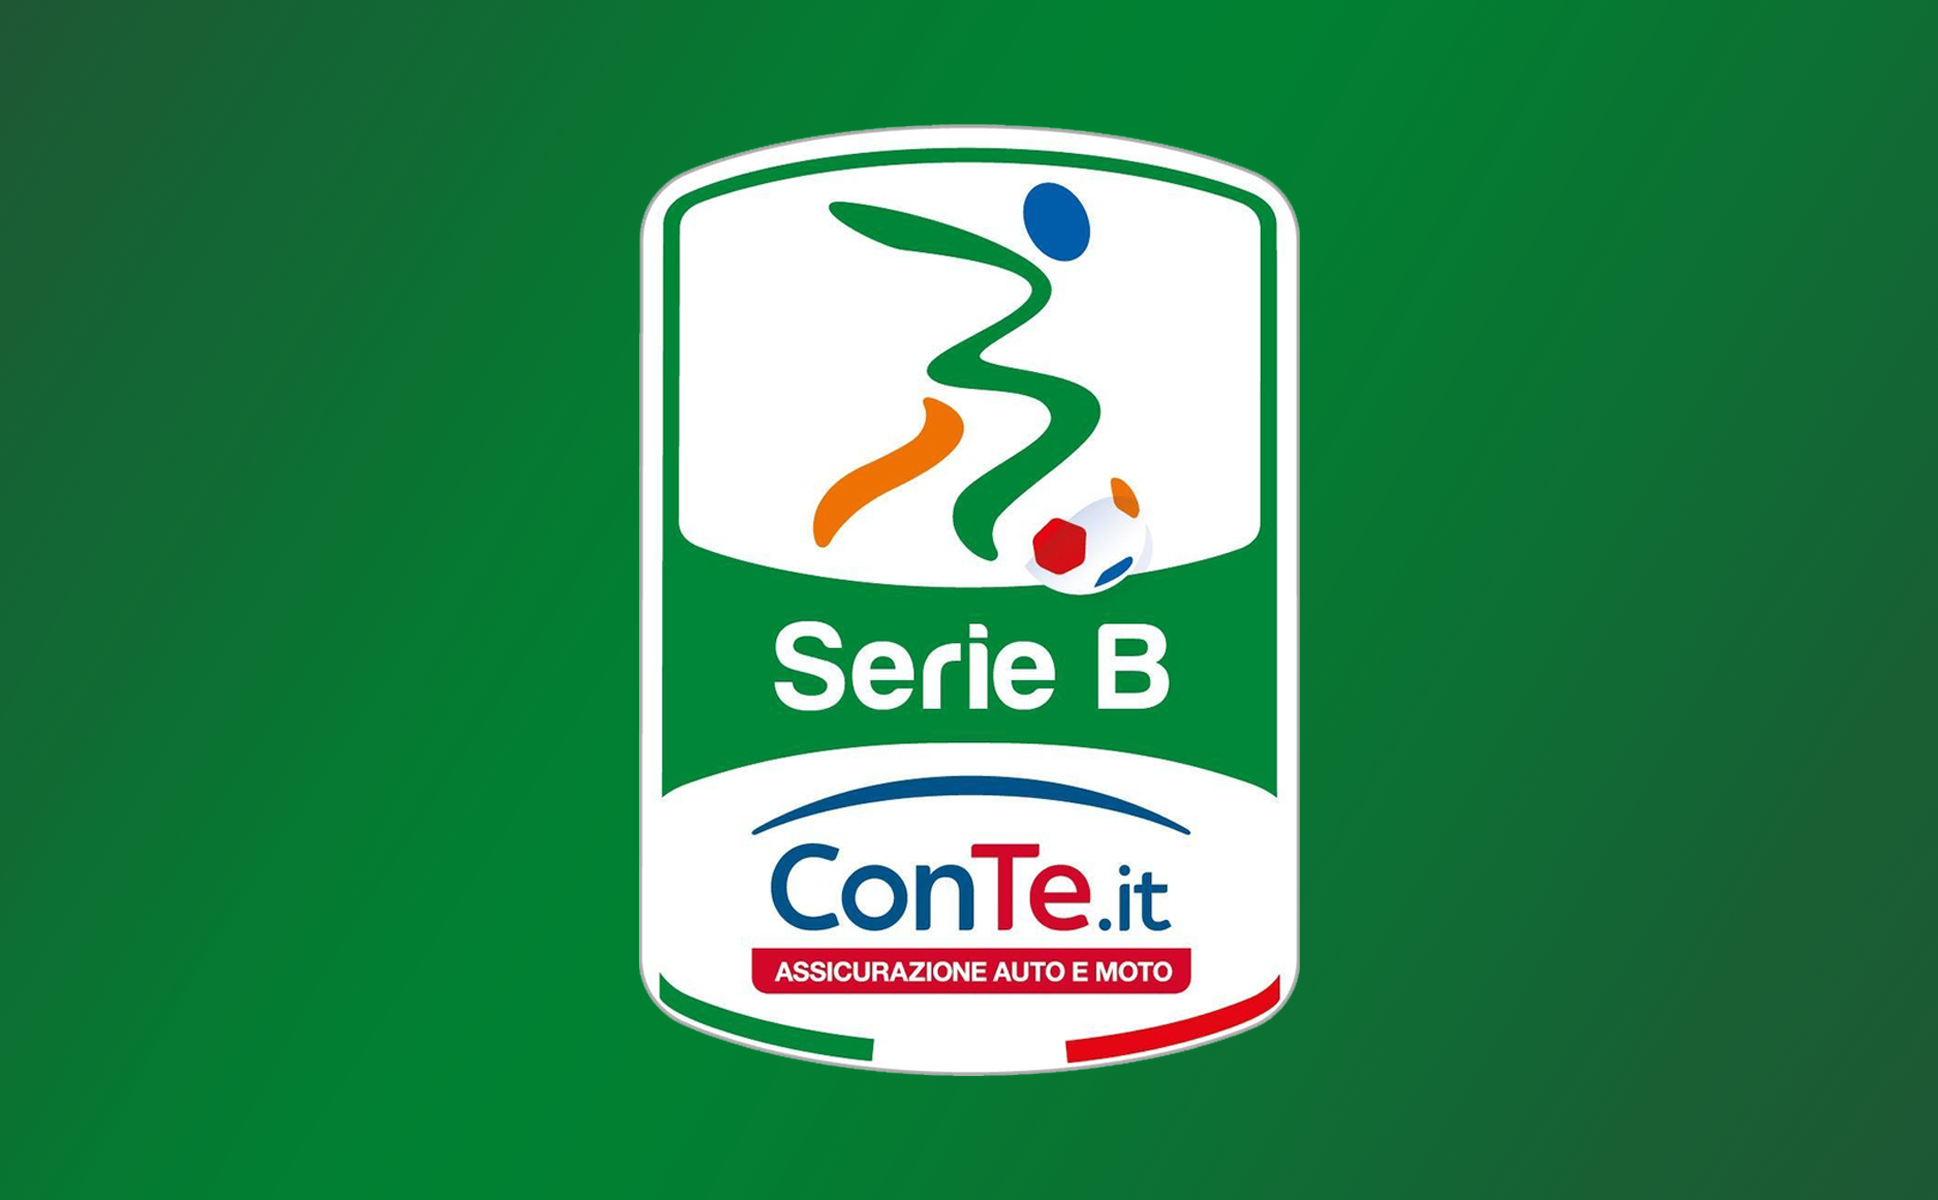 serie b logo